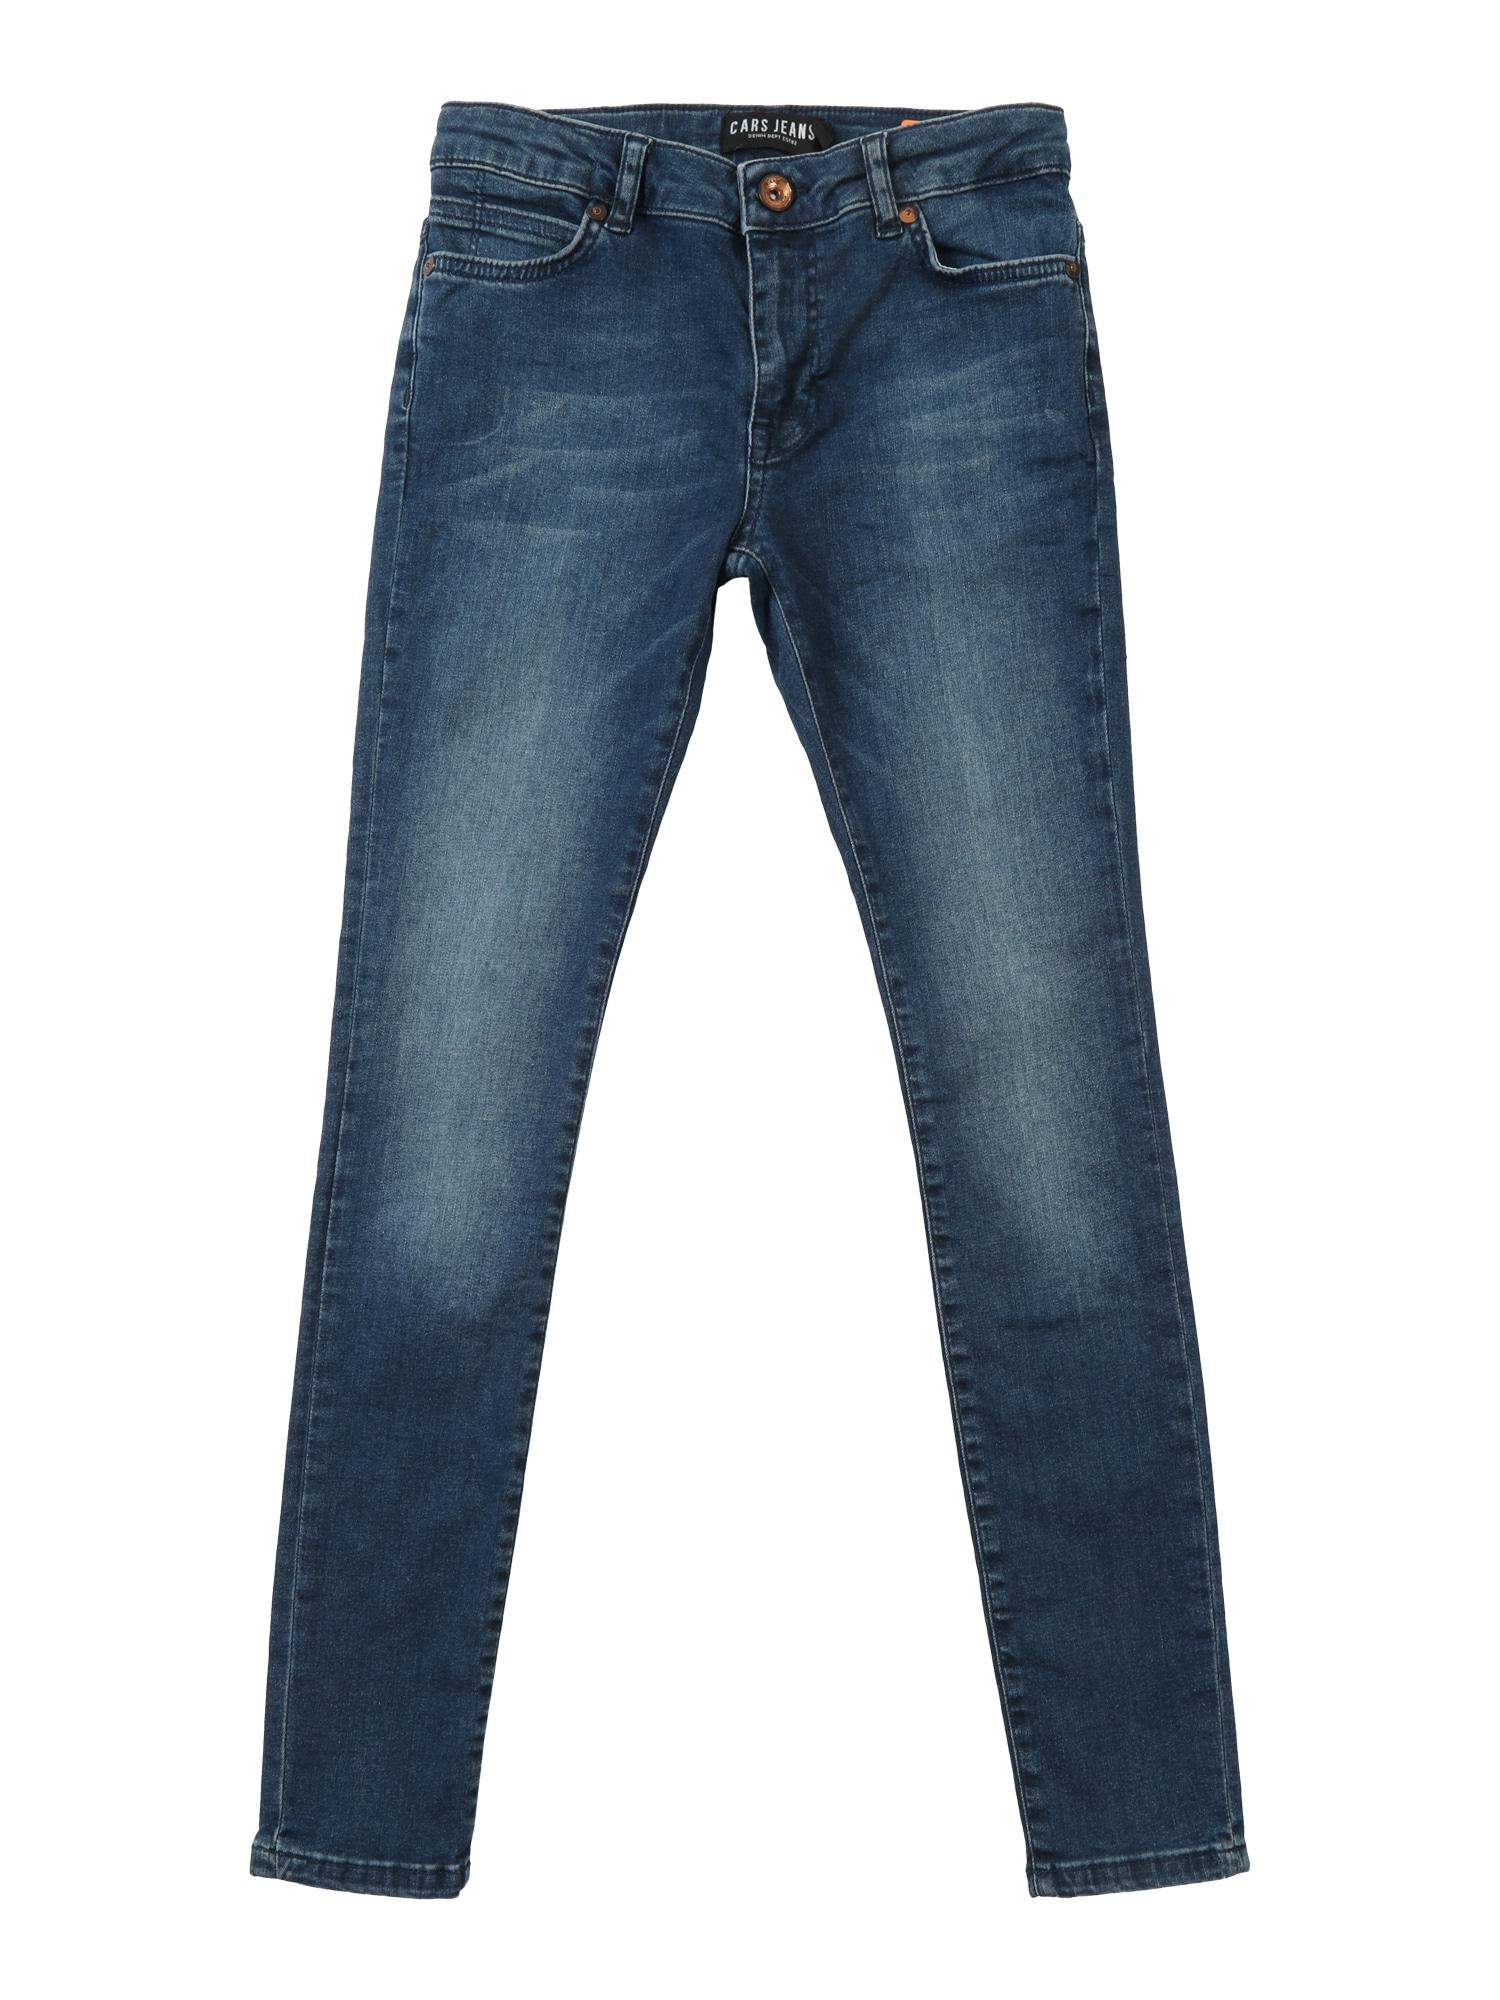 Džíny Trust modrá džínovina Cars Jeans